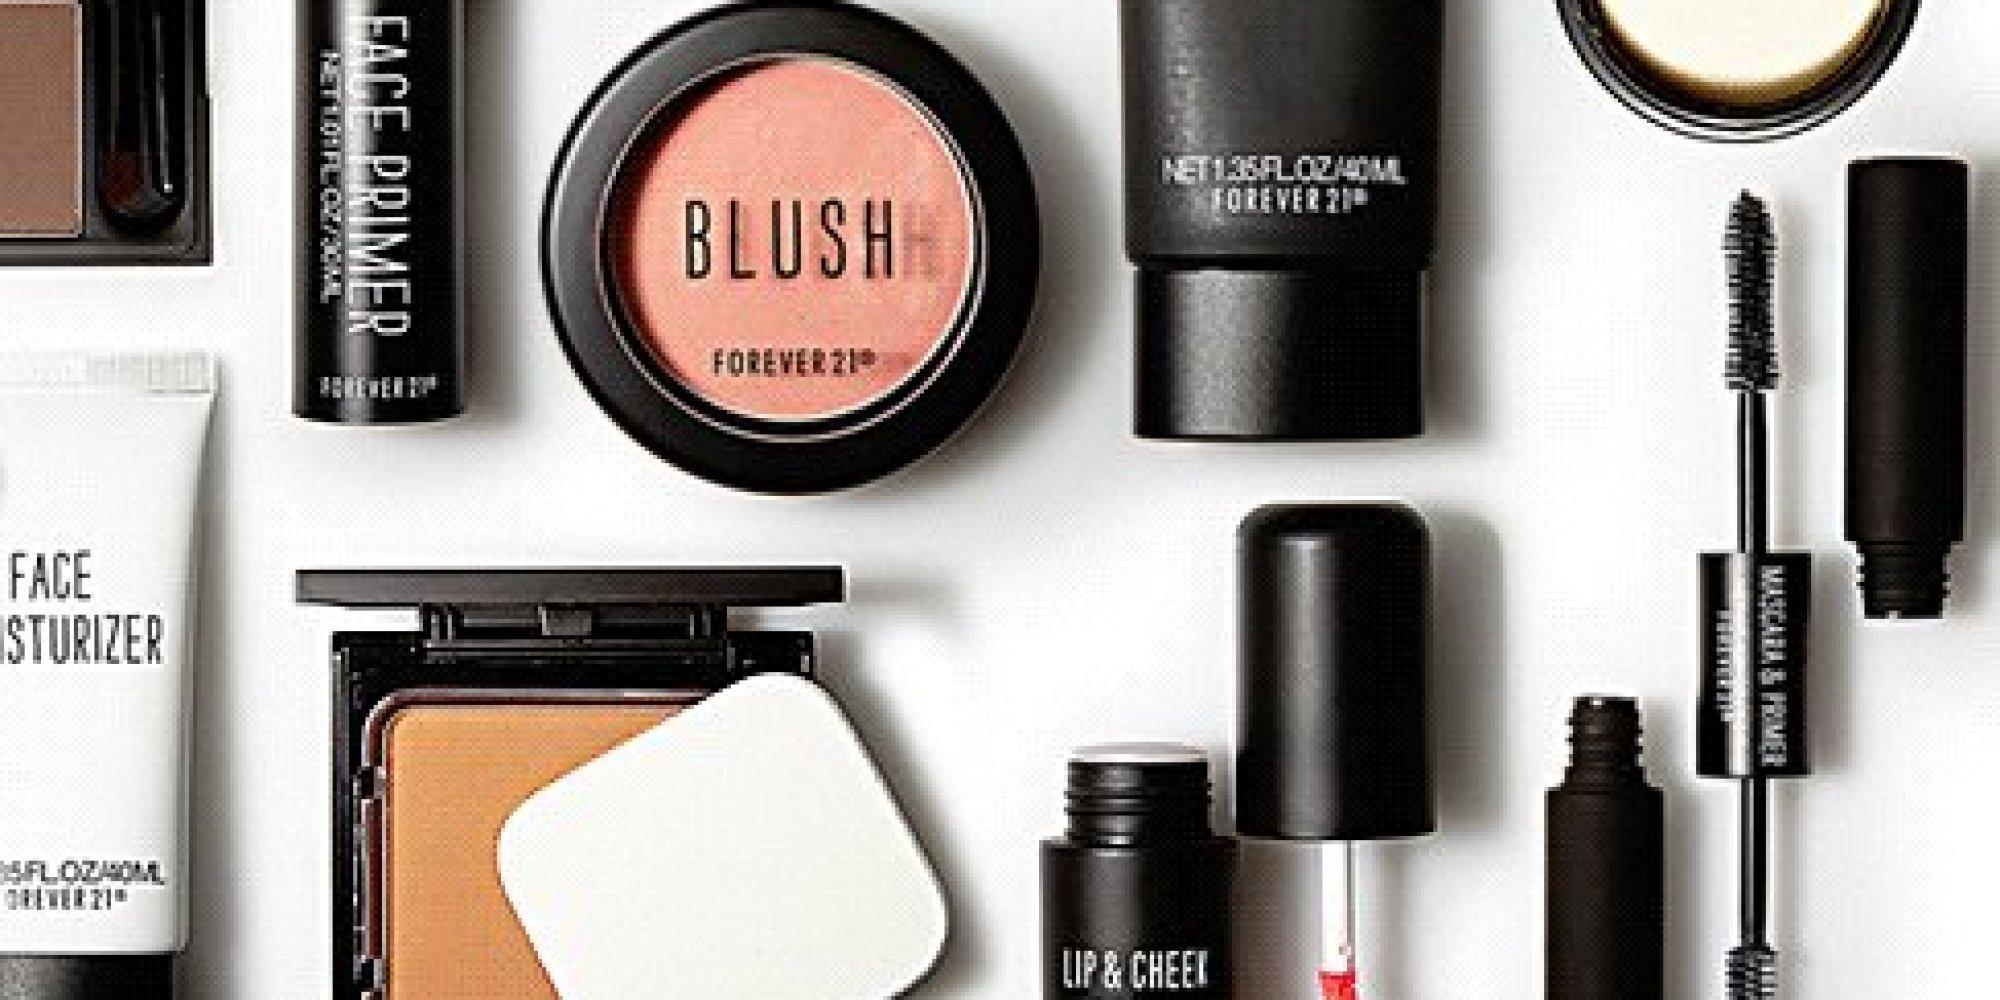 Makeup products tumblr - Makeup  Makeup Product Photography Tumblr